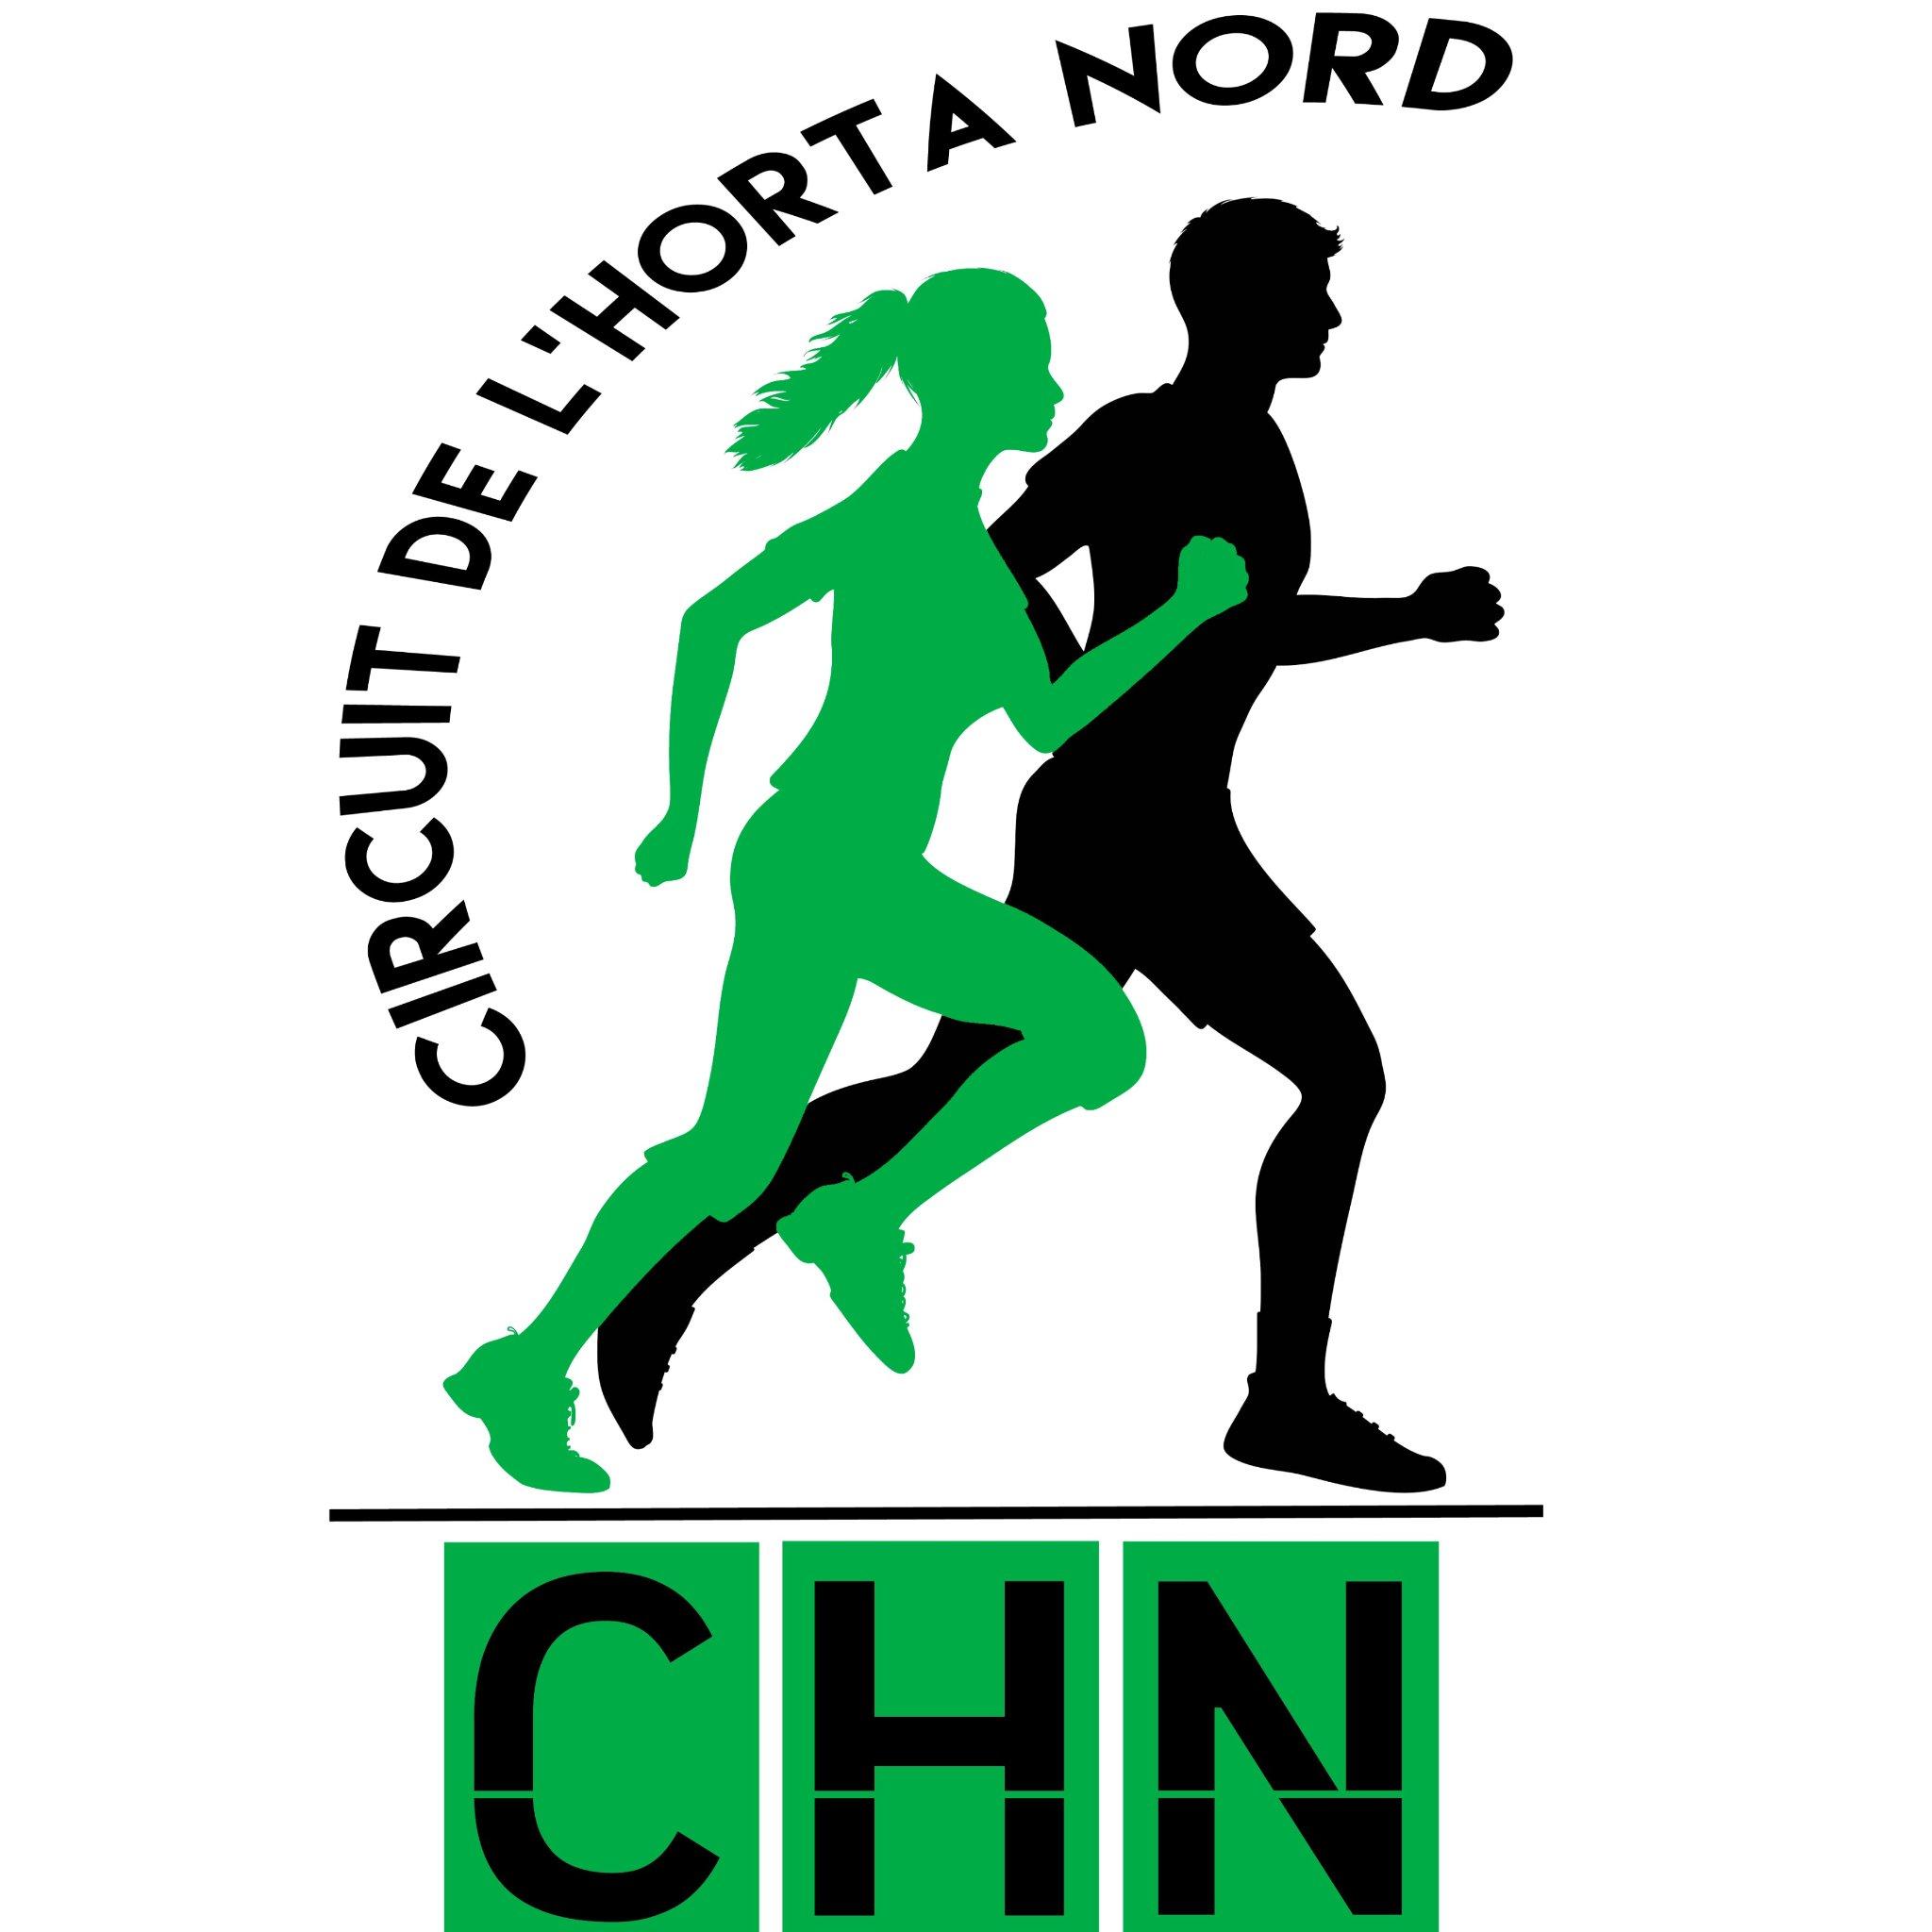 Circuito Horta Nord : Circuit horta nord chortanord twitter